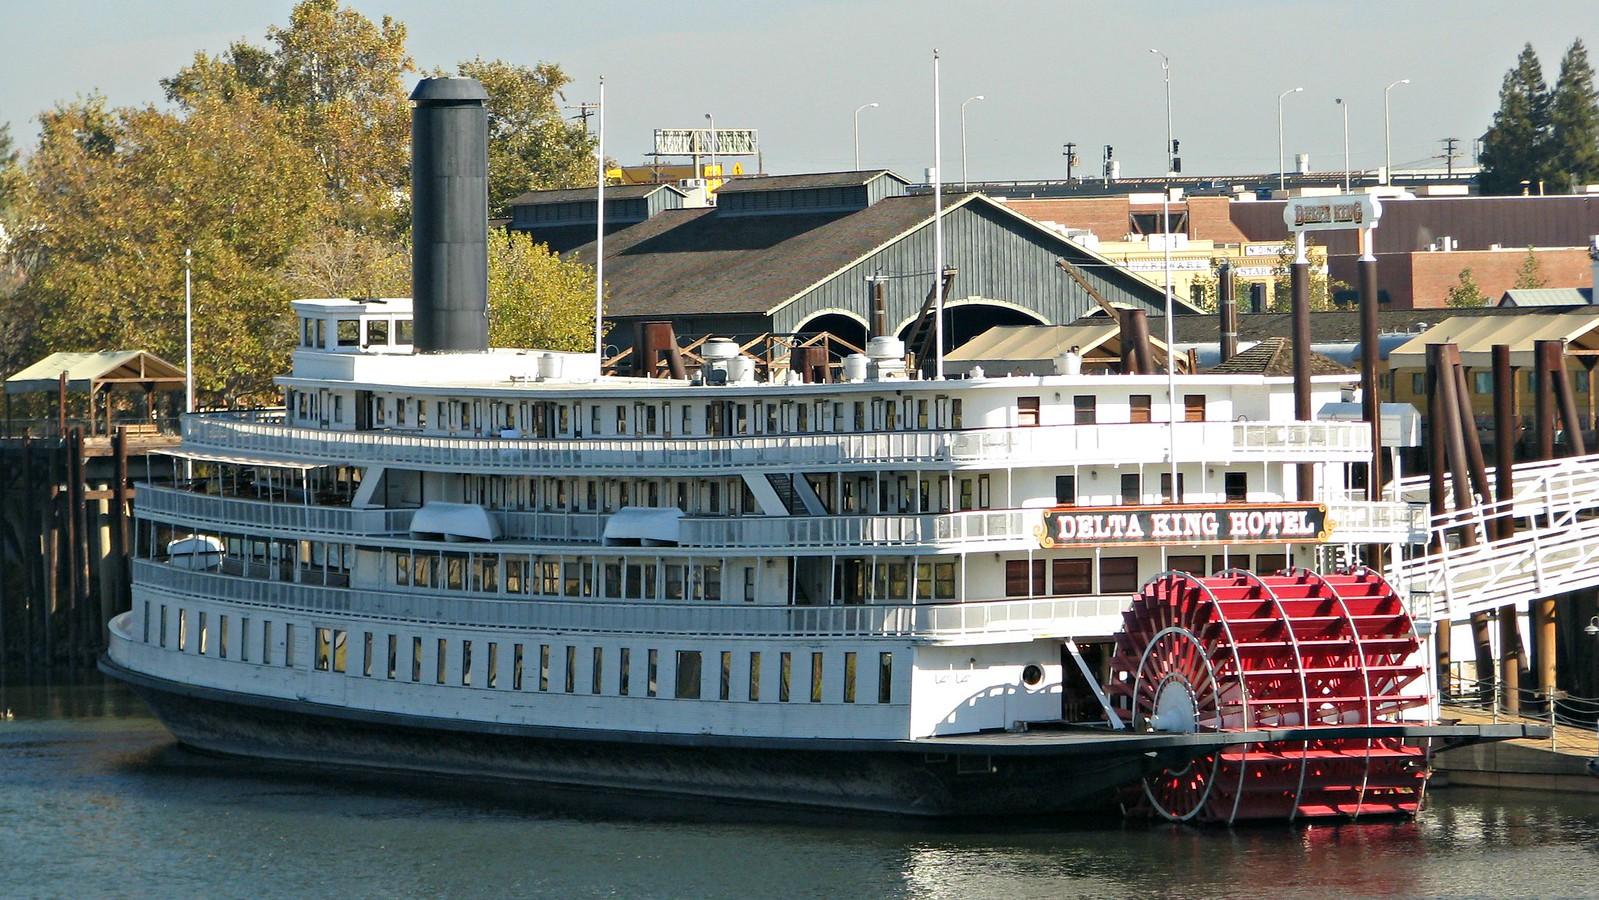 Delta King 285 ft River Boat (1927) 06